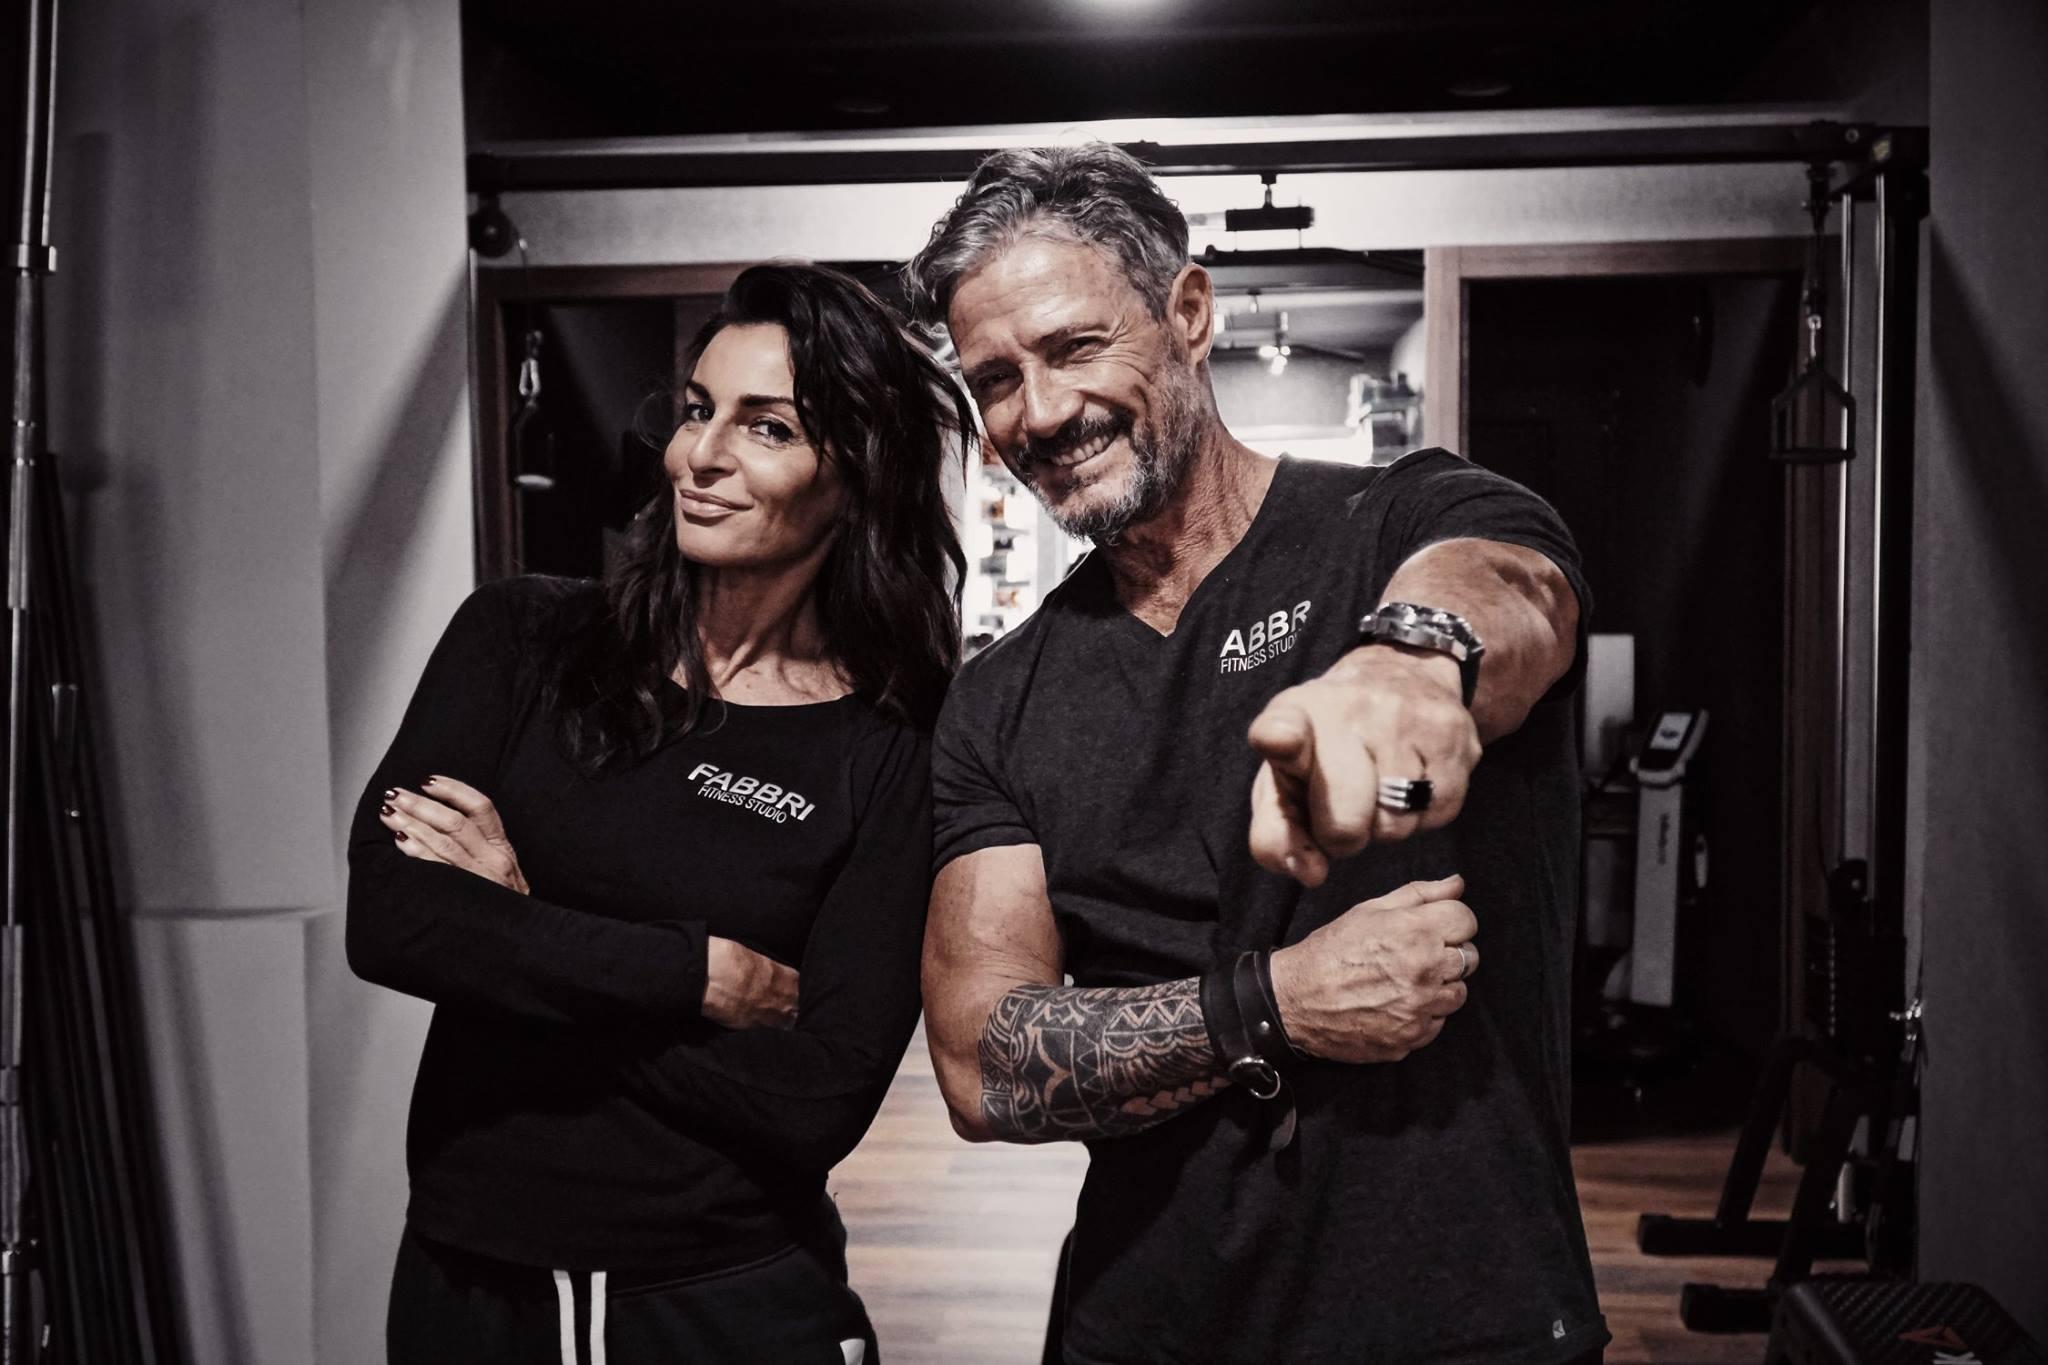 Fabbri Fitness Studio